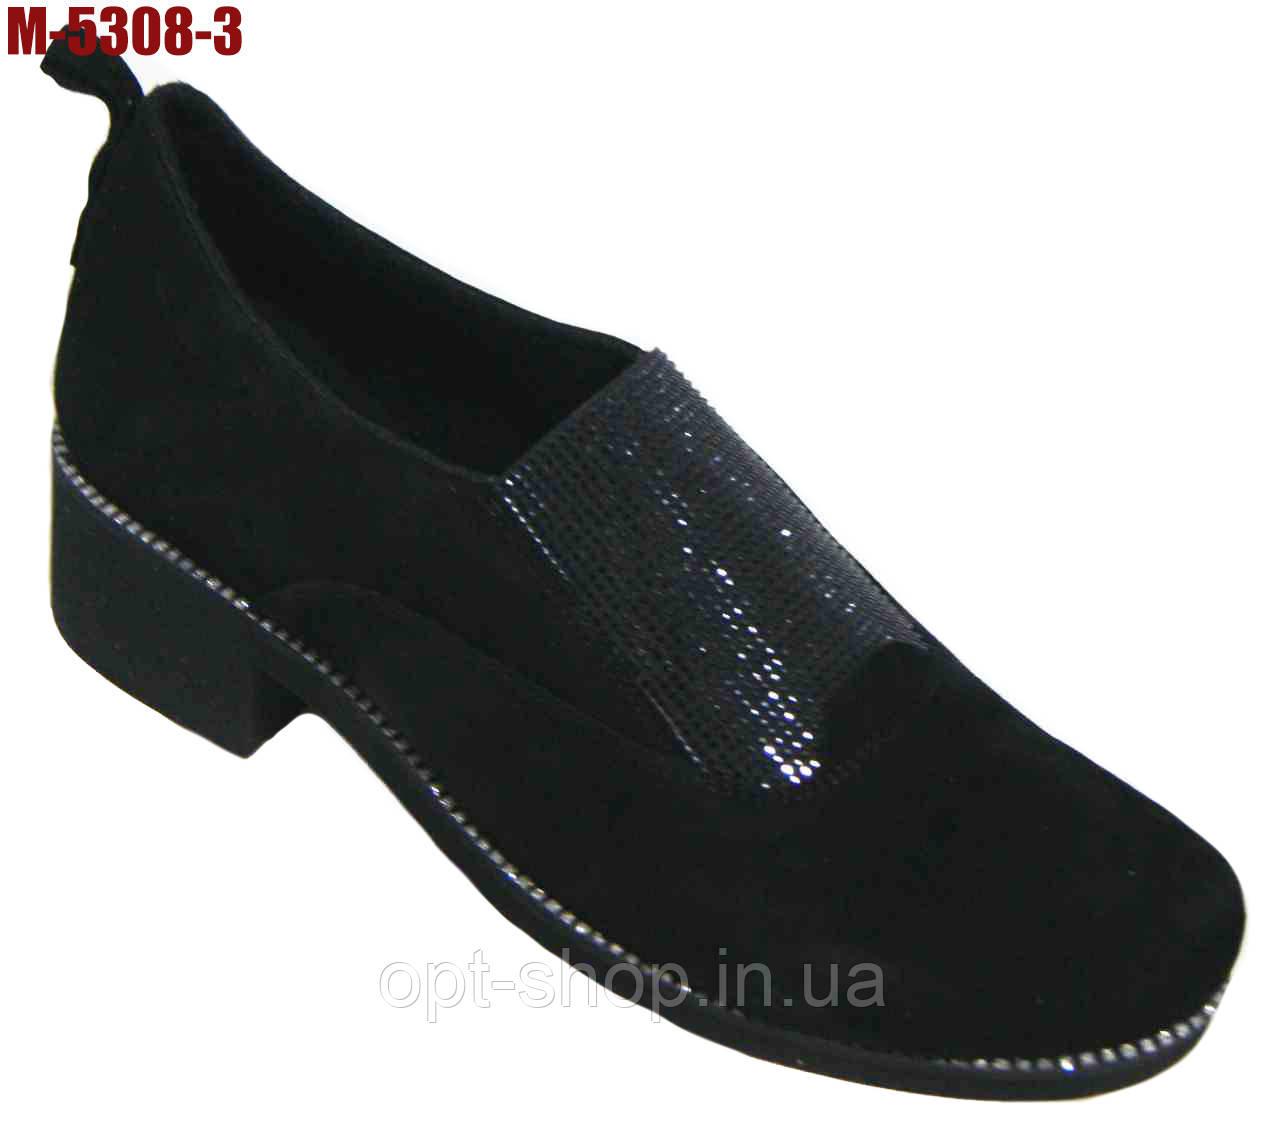 Туфли  женские большого размера осенние демисезонные